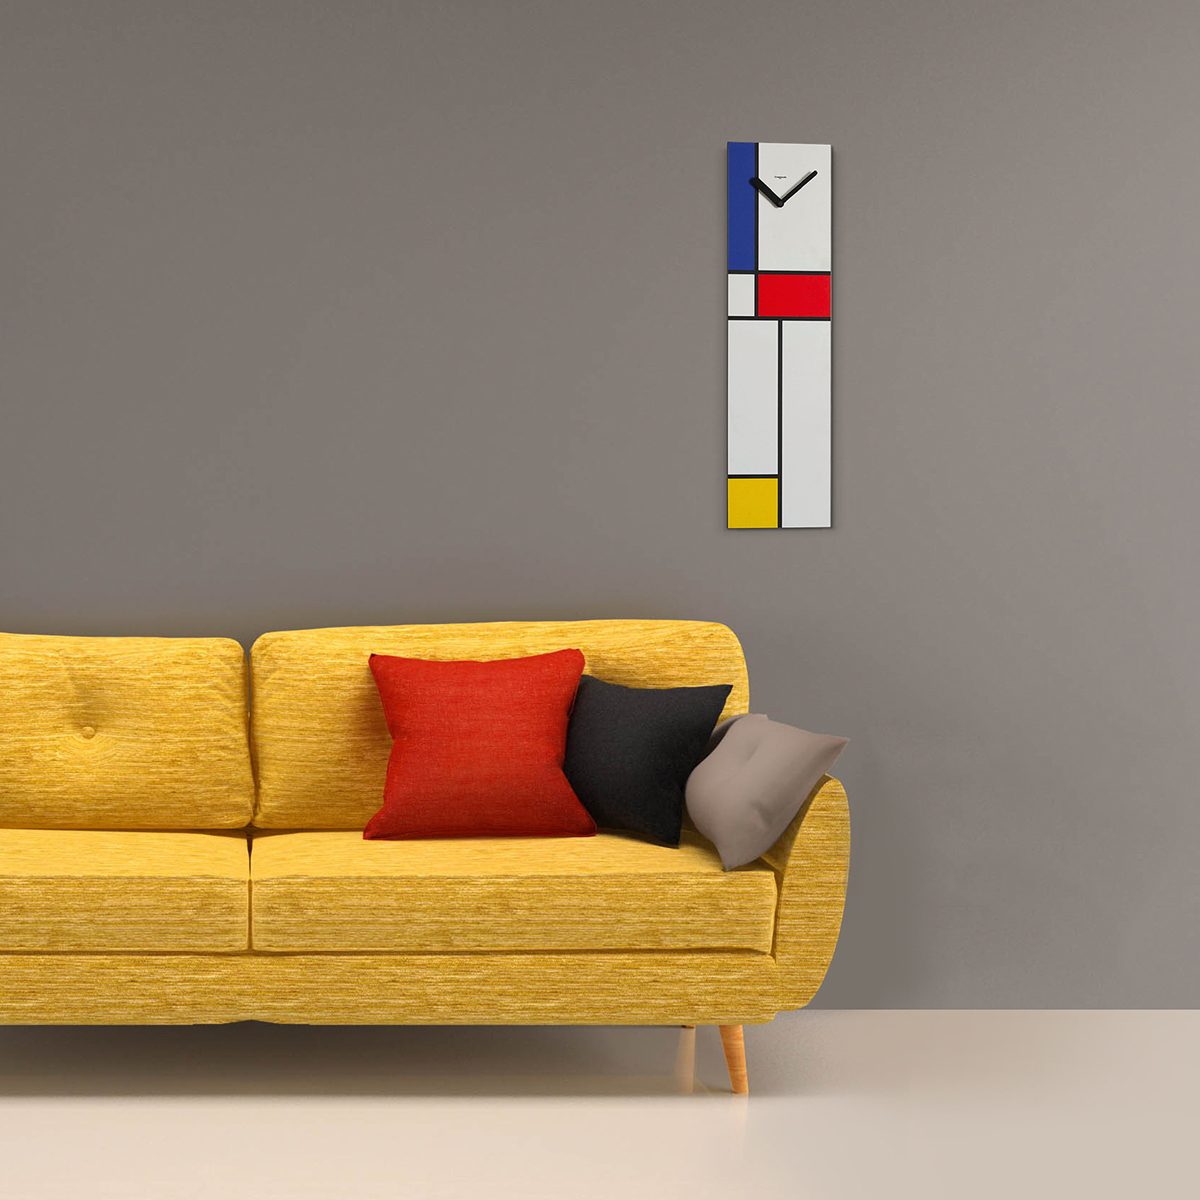 su una parete grigia è appeso un orologio verticale di ispirazione Mondrian.